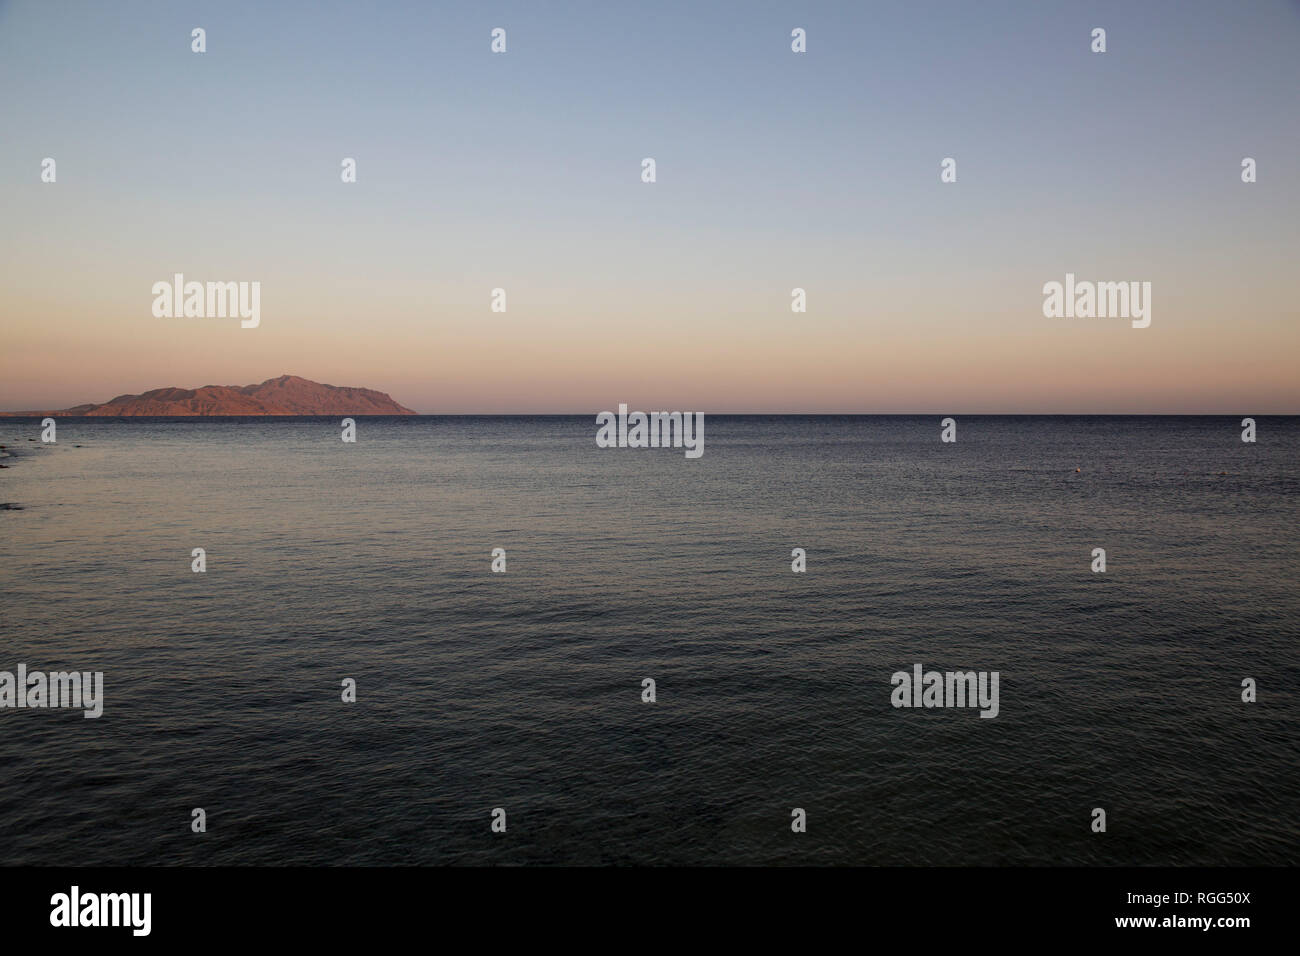 Blick auf die Insel Tiran und das Rote Meer in Sharm el Sheikh, Sinai, Ägypten. Stockbild